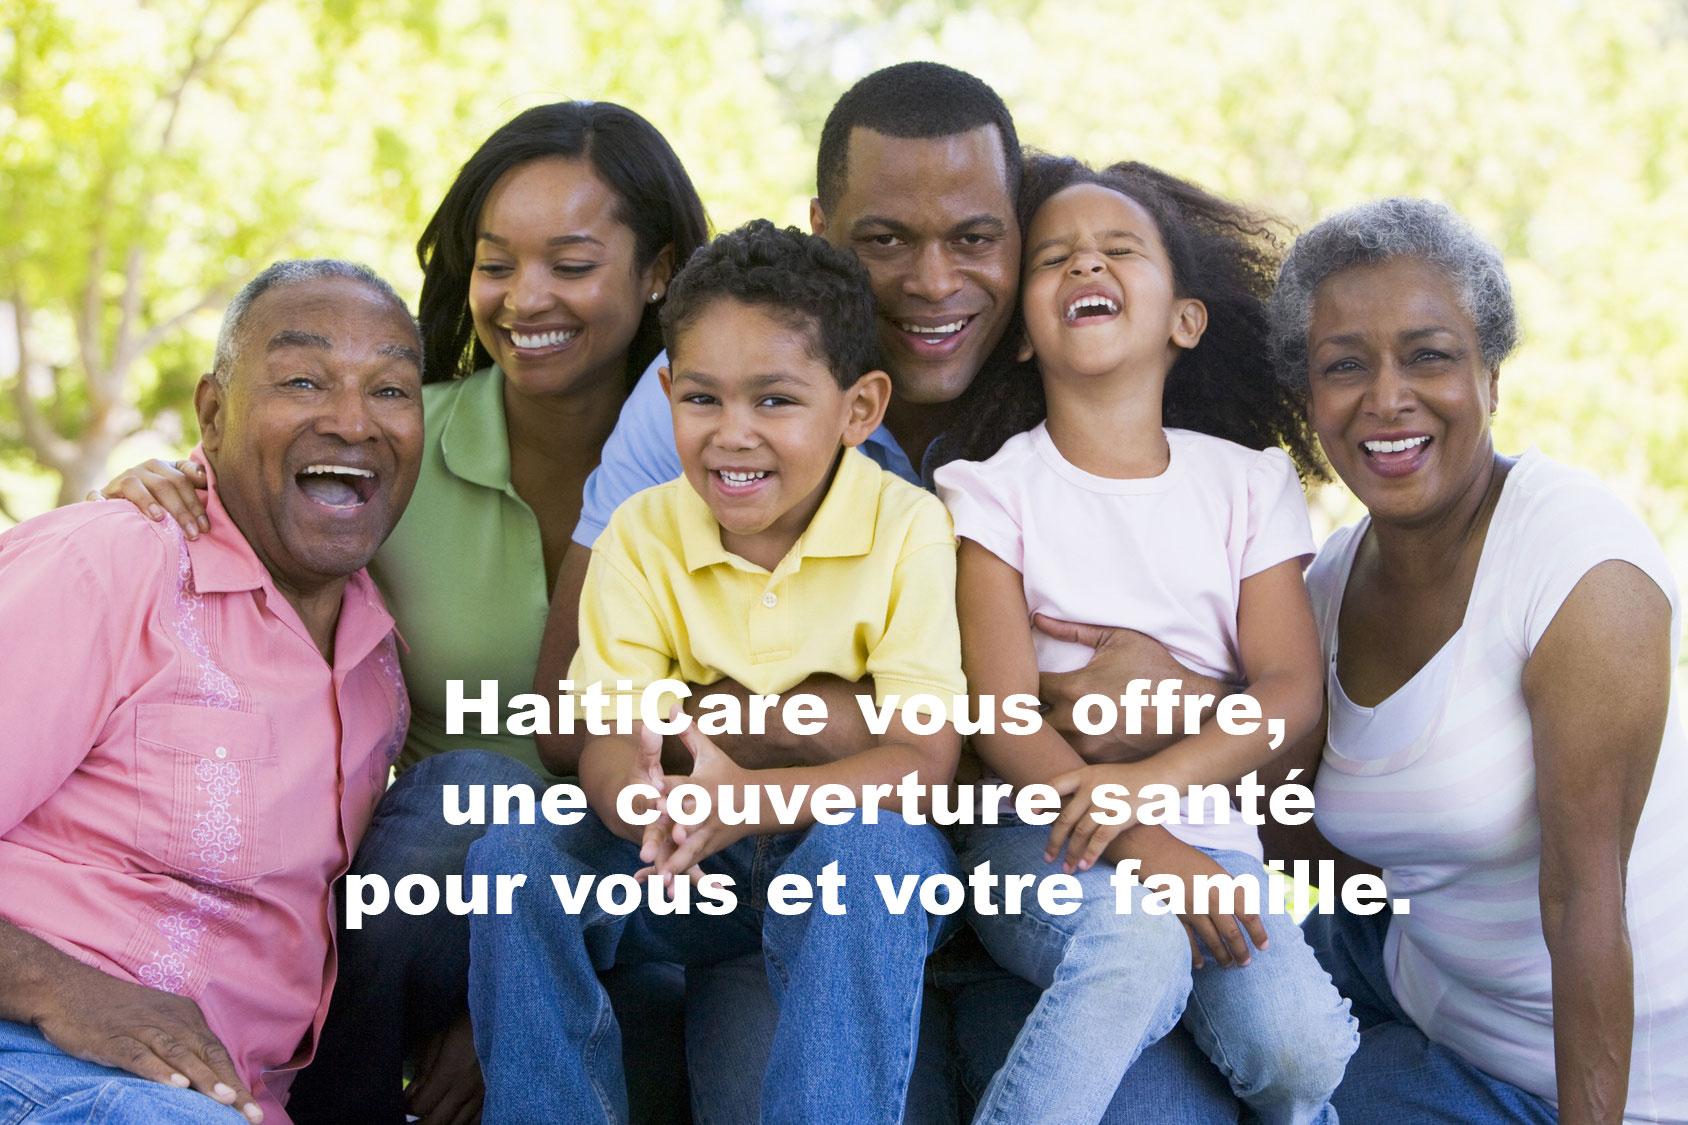 Mutuelle santé Haitienne